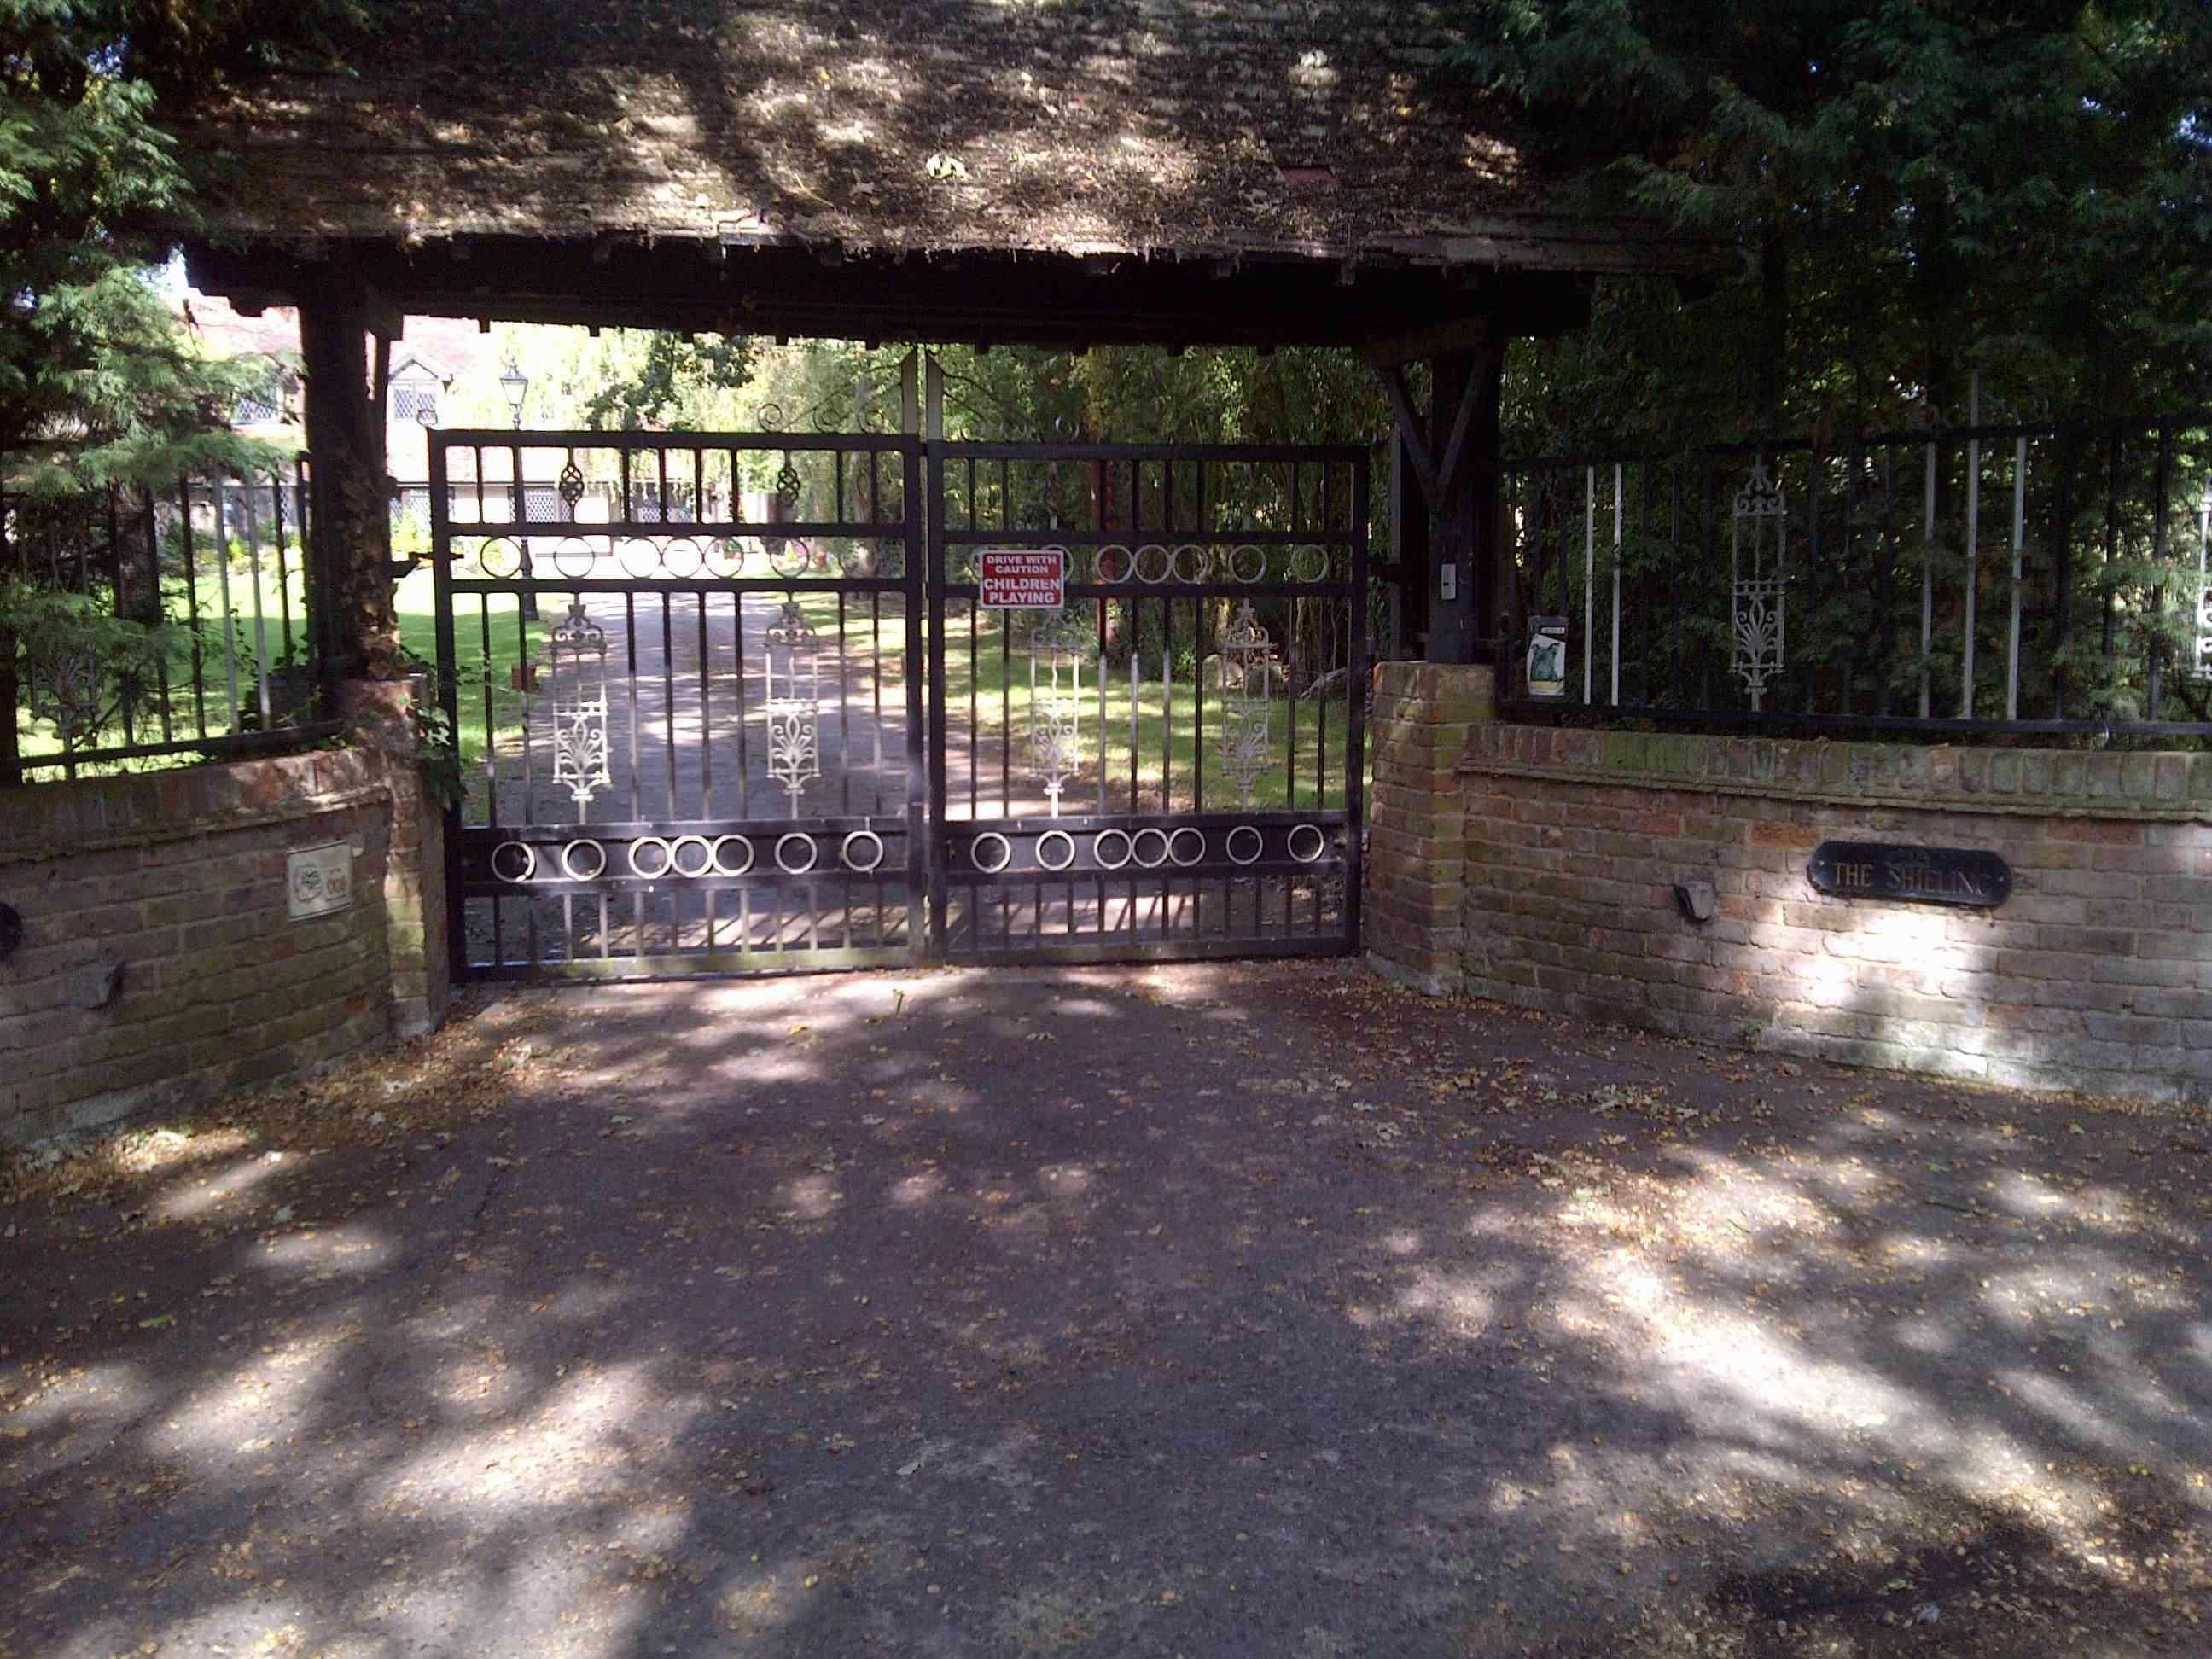 2011-09-23-gate.jpg